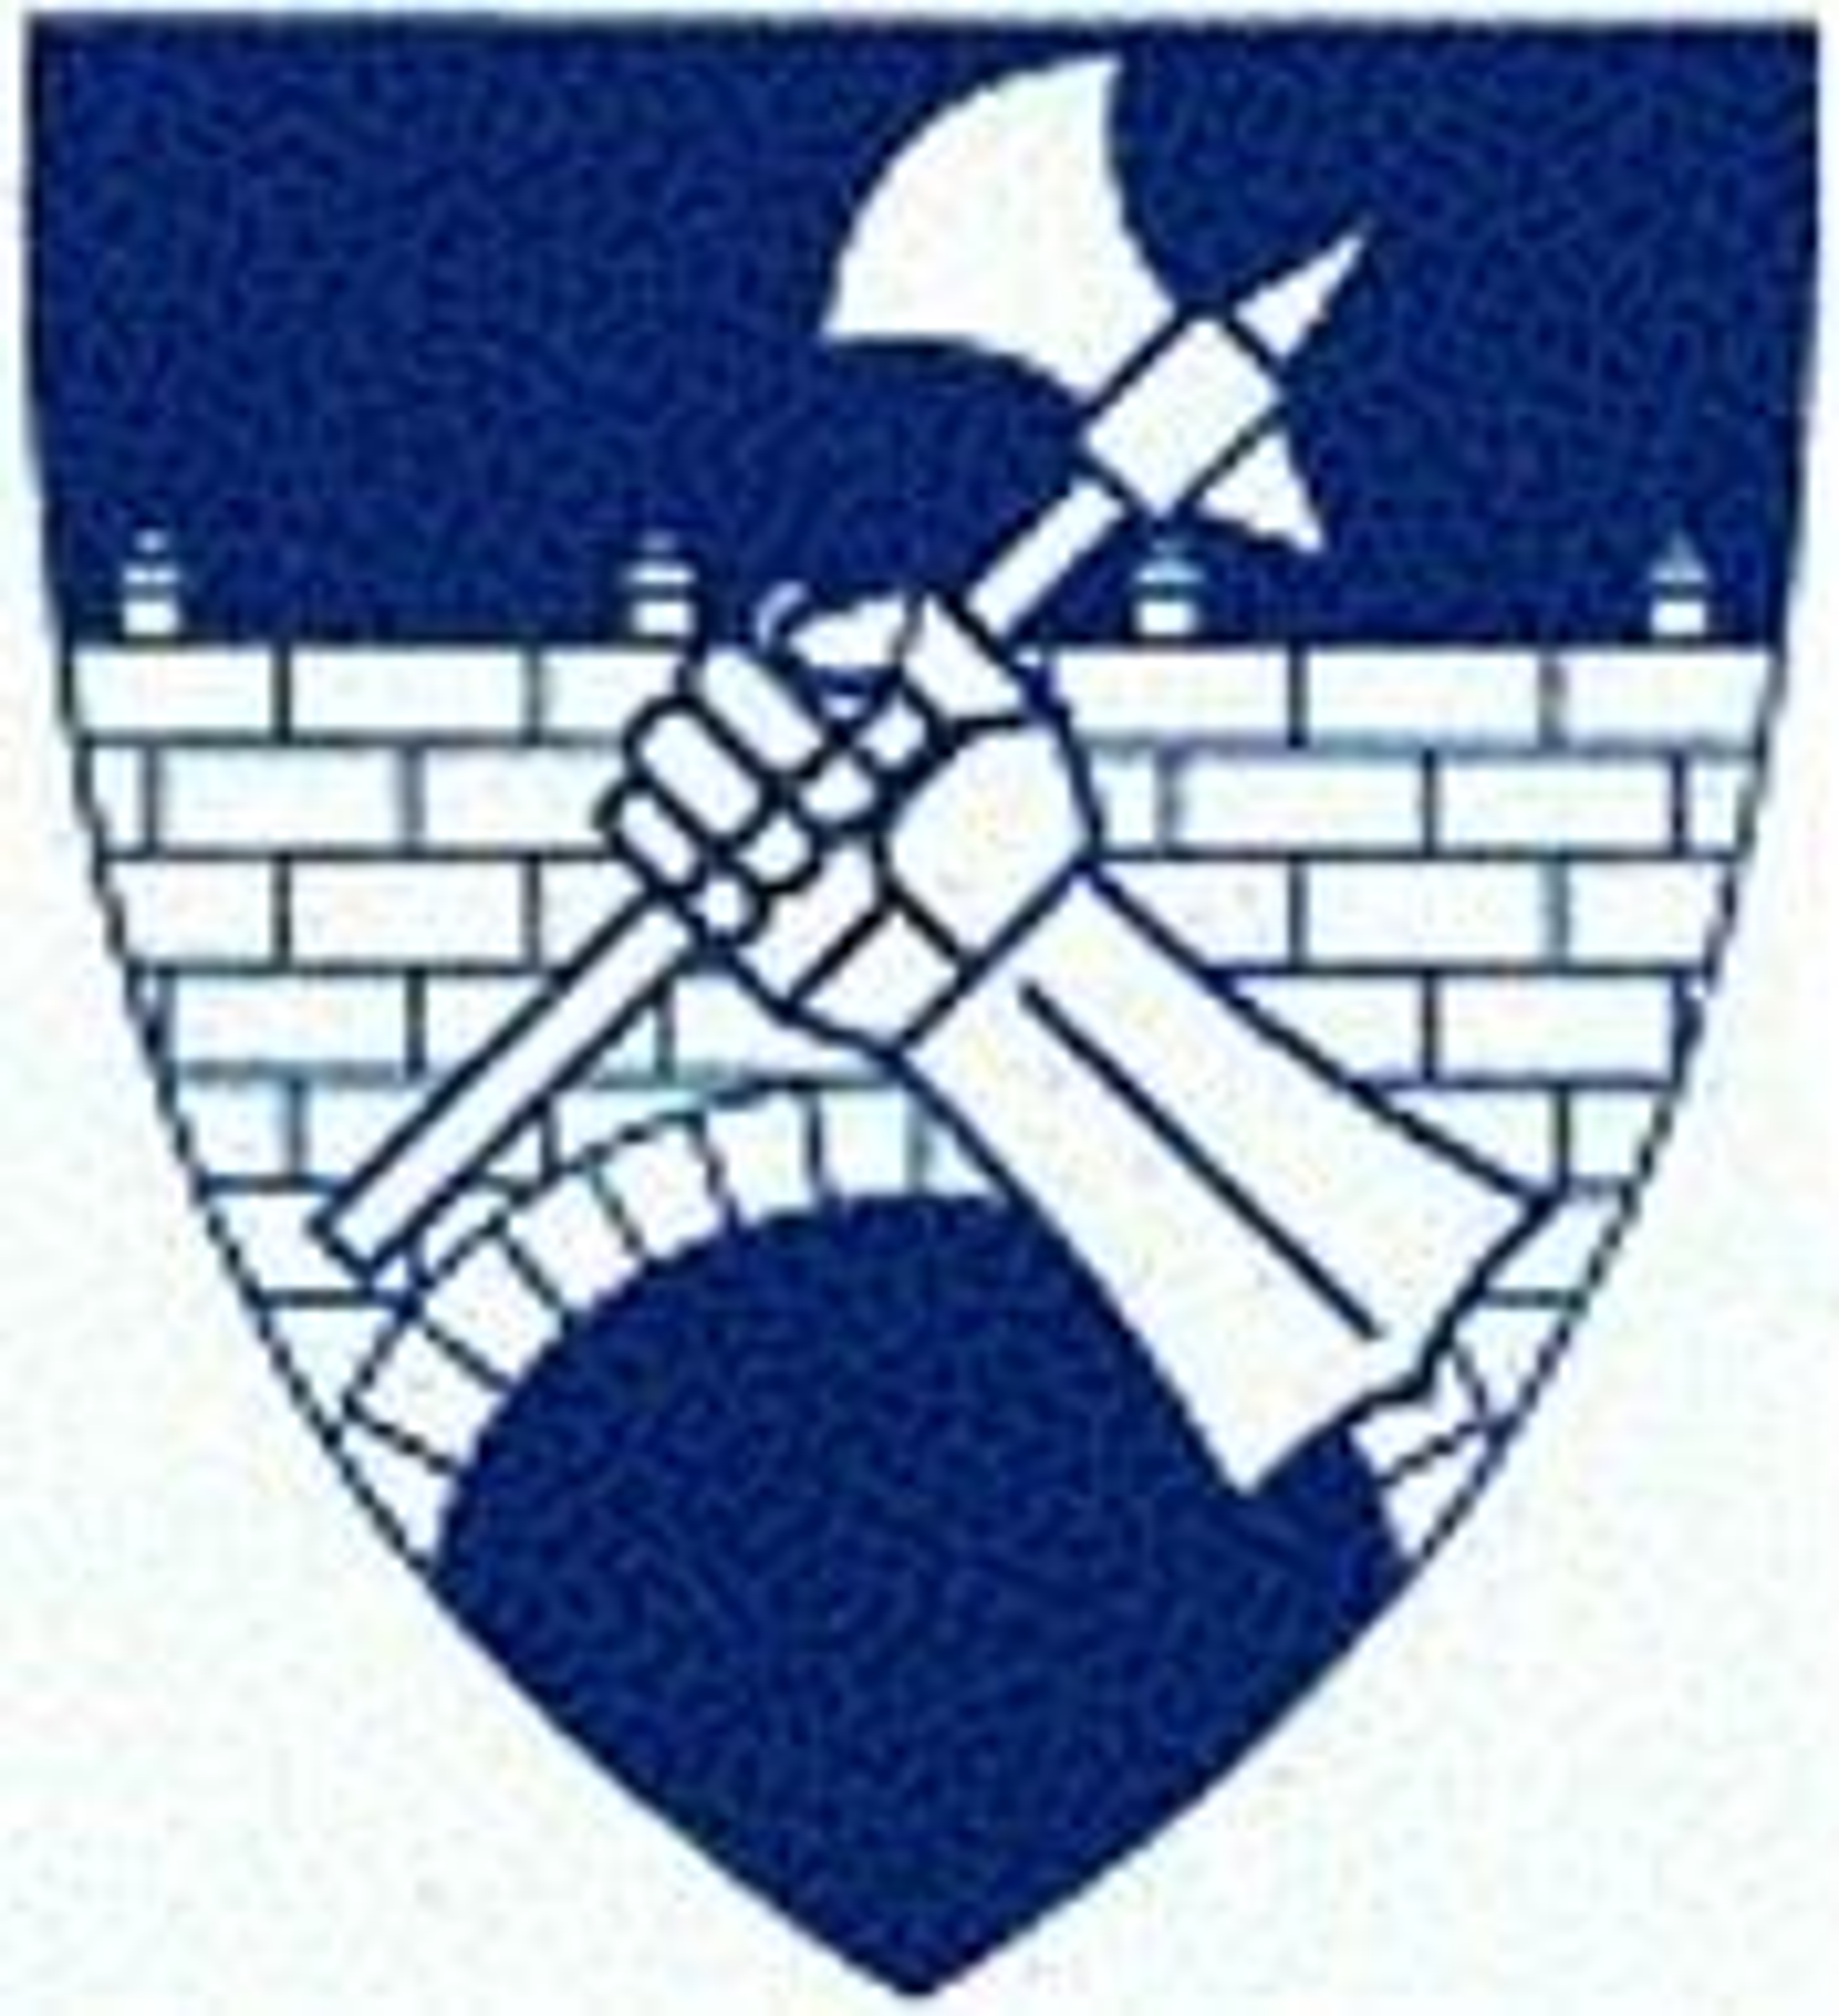 SPESIALISTER: Ingeniørkompaniet (logo) er Hærens spesialister innefor miner, bro og ferge-operasjoner, abc-tjeneste (atomic, biological and chemical), dykking og ingeniørstøtte til andre avdelinger.